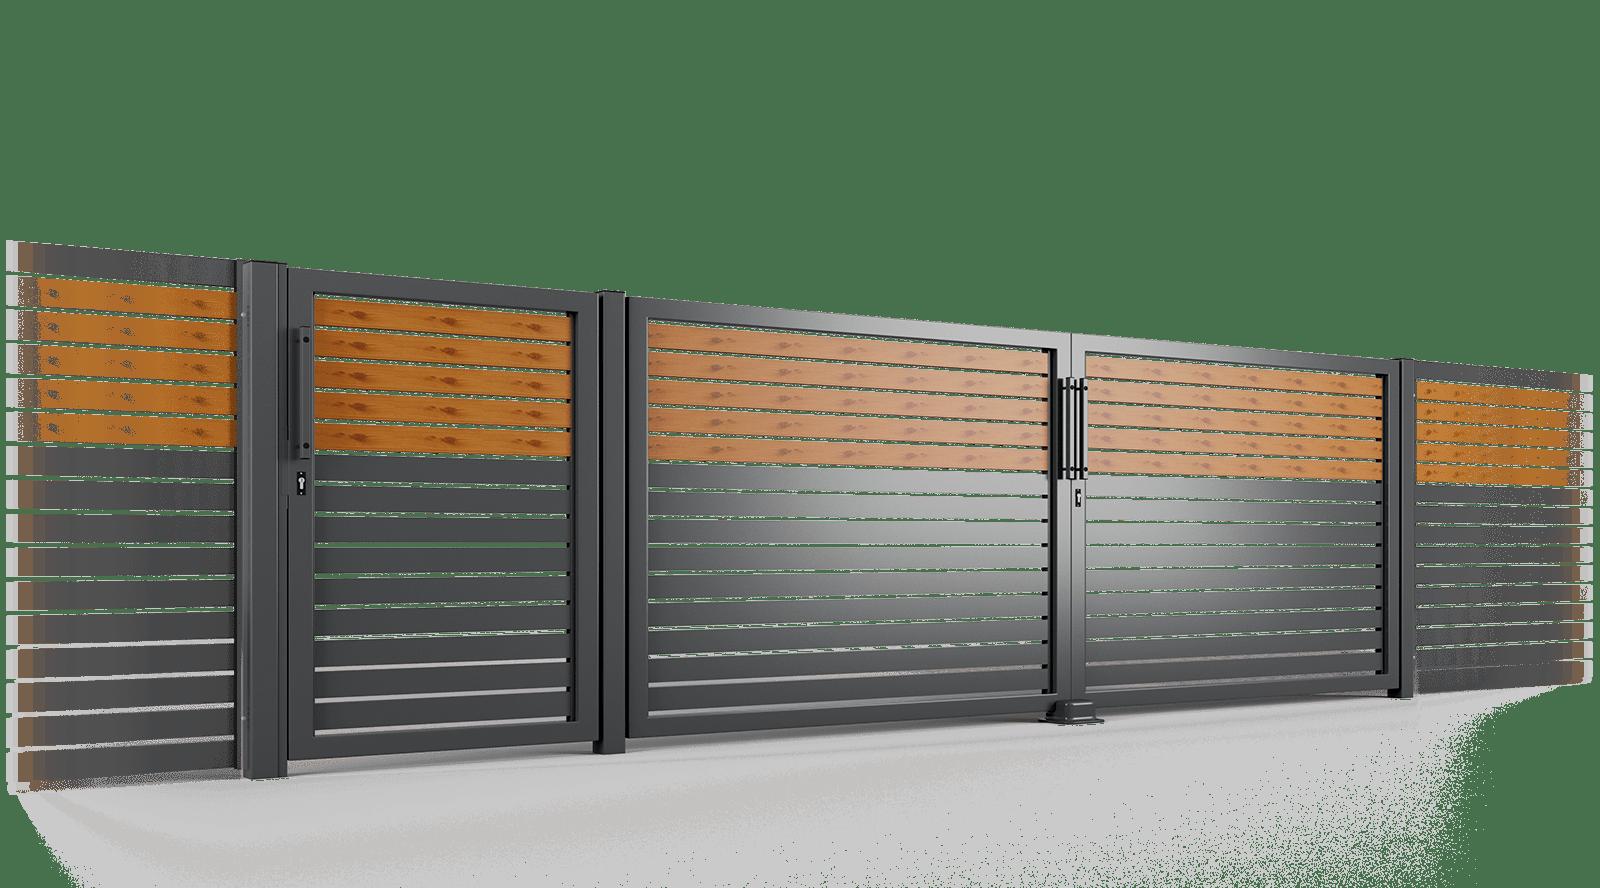 brama uchylna ogrodzenie palisadowe stylizowane PP 002 (P82) PINO I BORDER KONSPORT